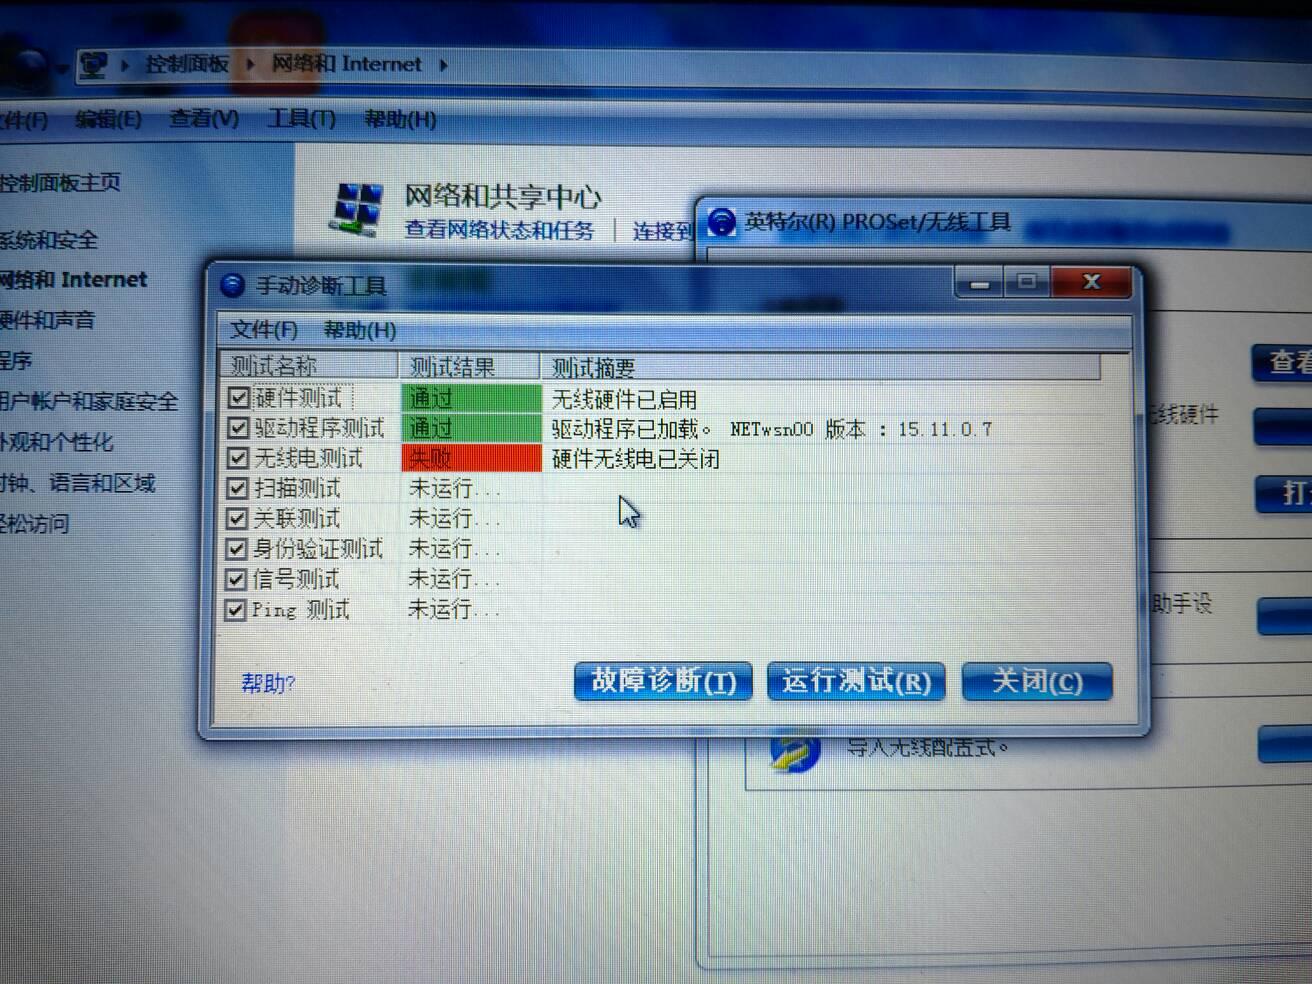 信息中心 谁知道电脑下载ps软件的网址?